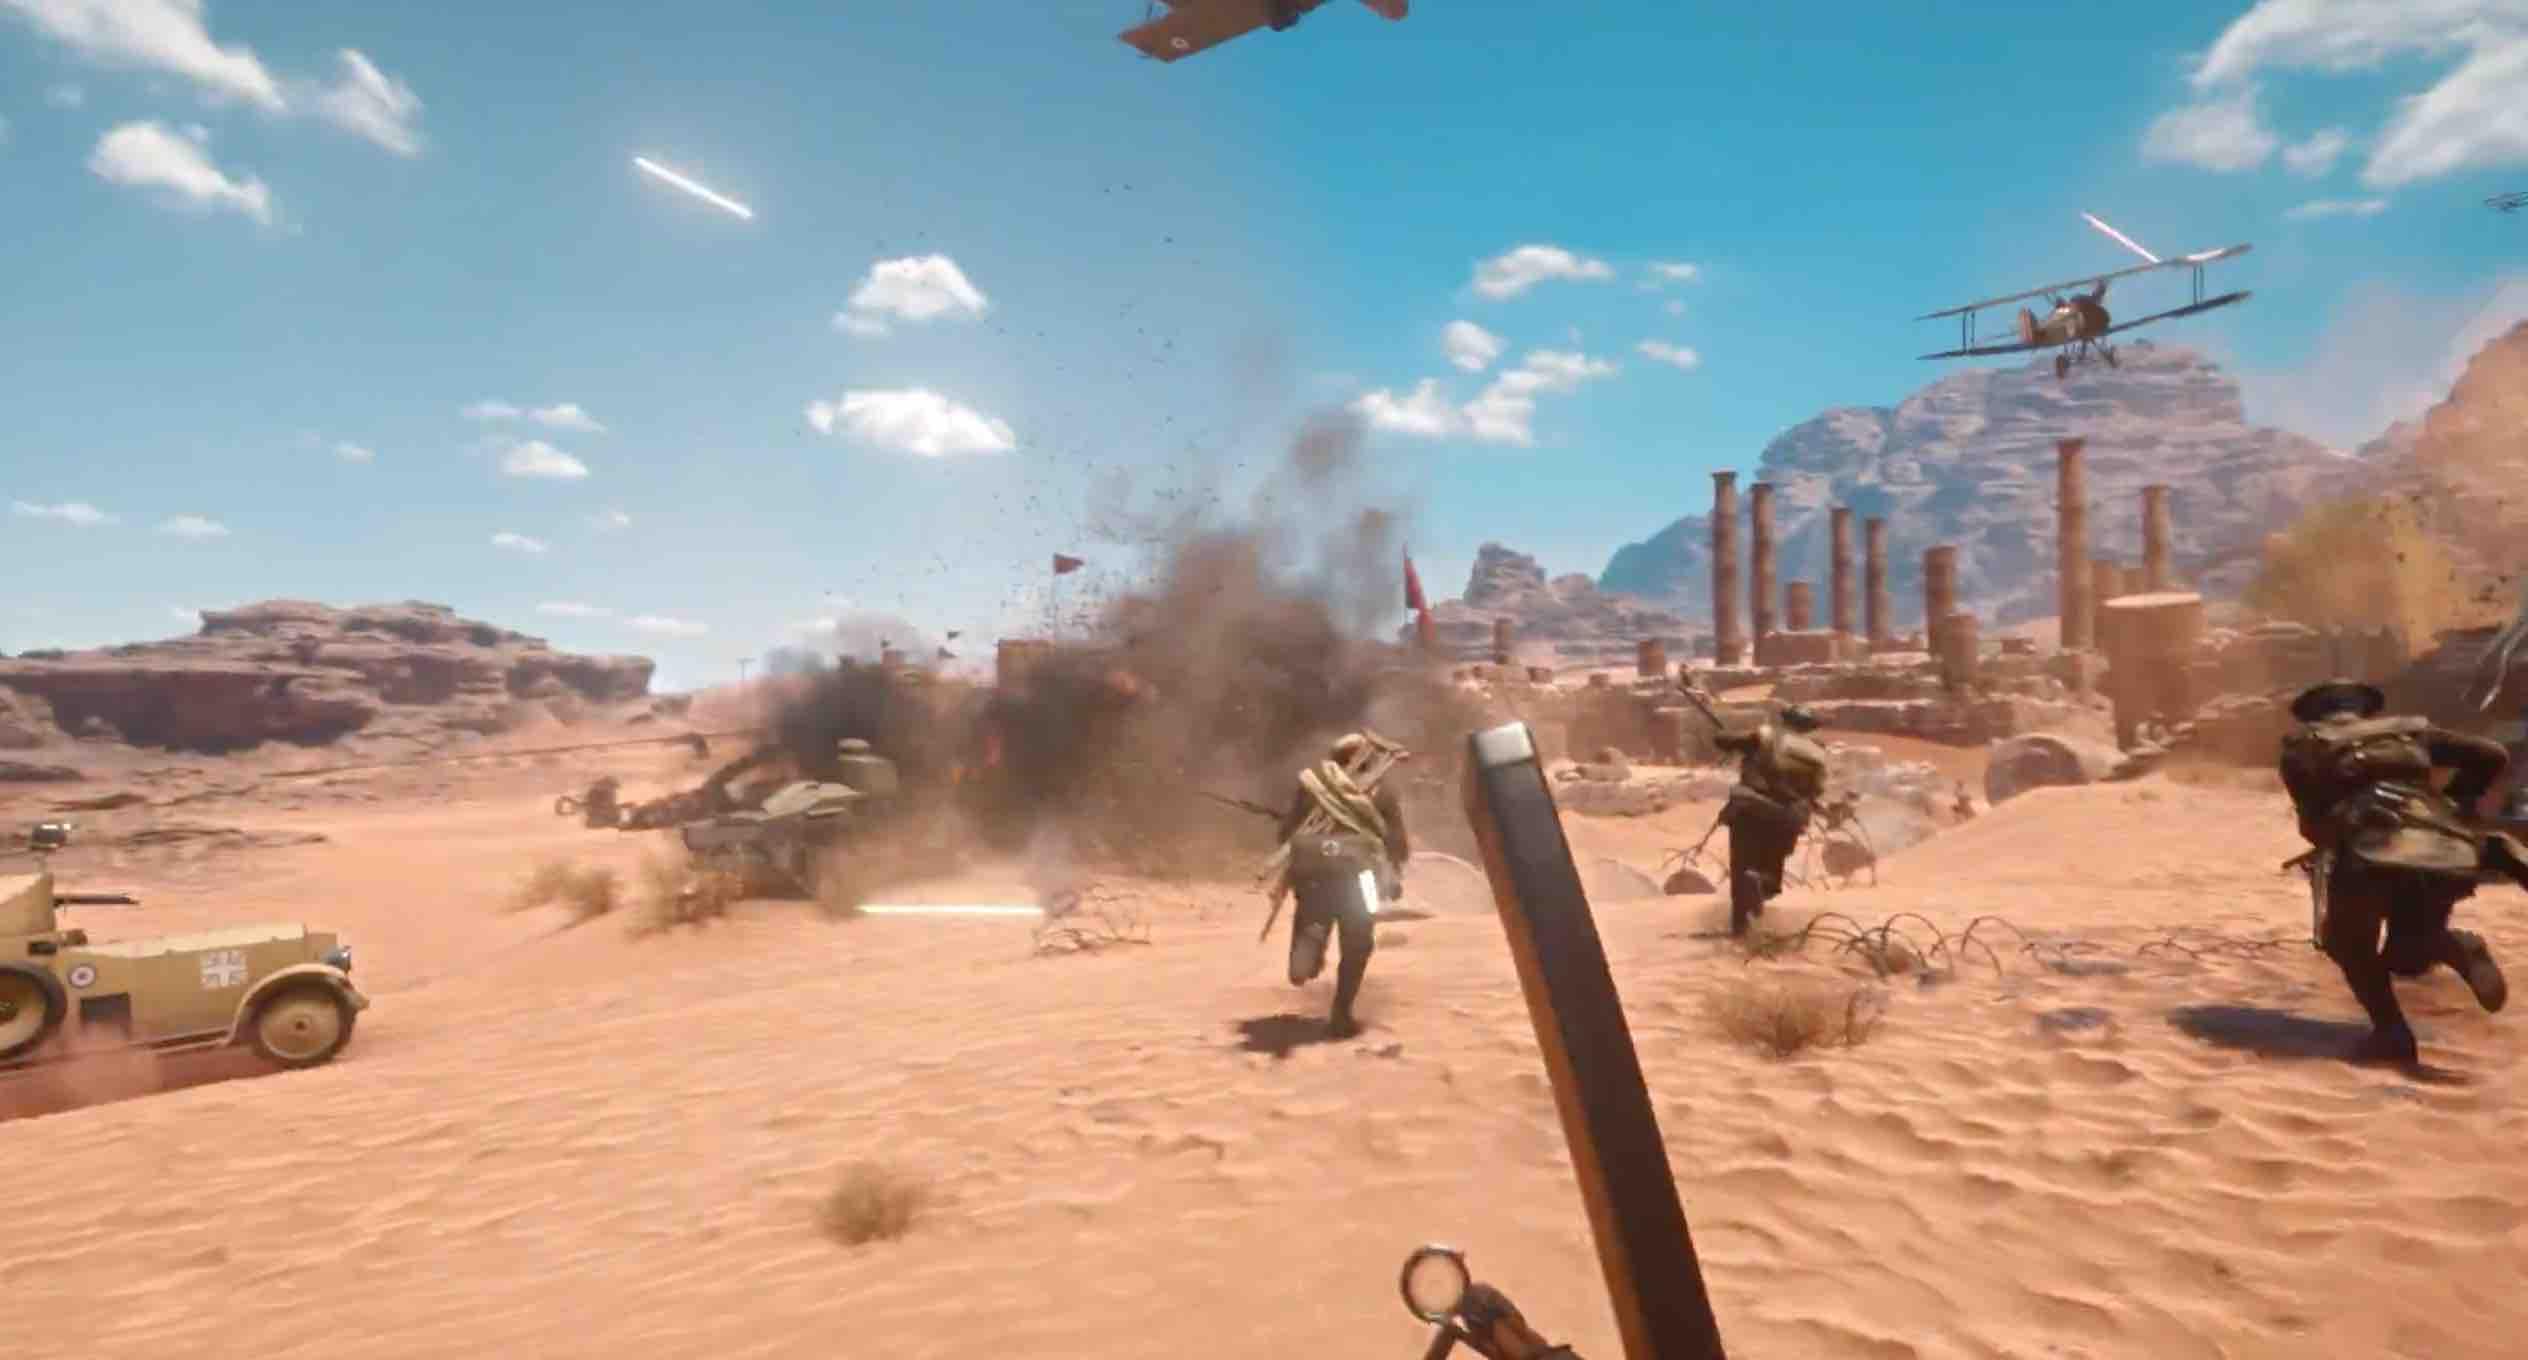 Battlefield-1-Gameplay-Trailer-Image-1